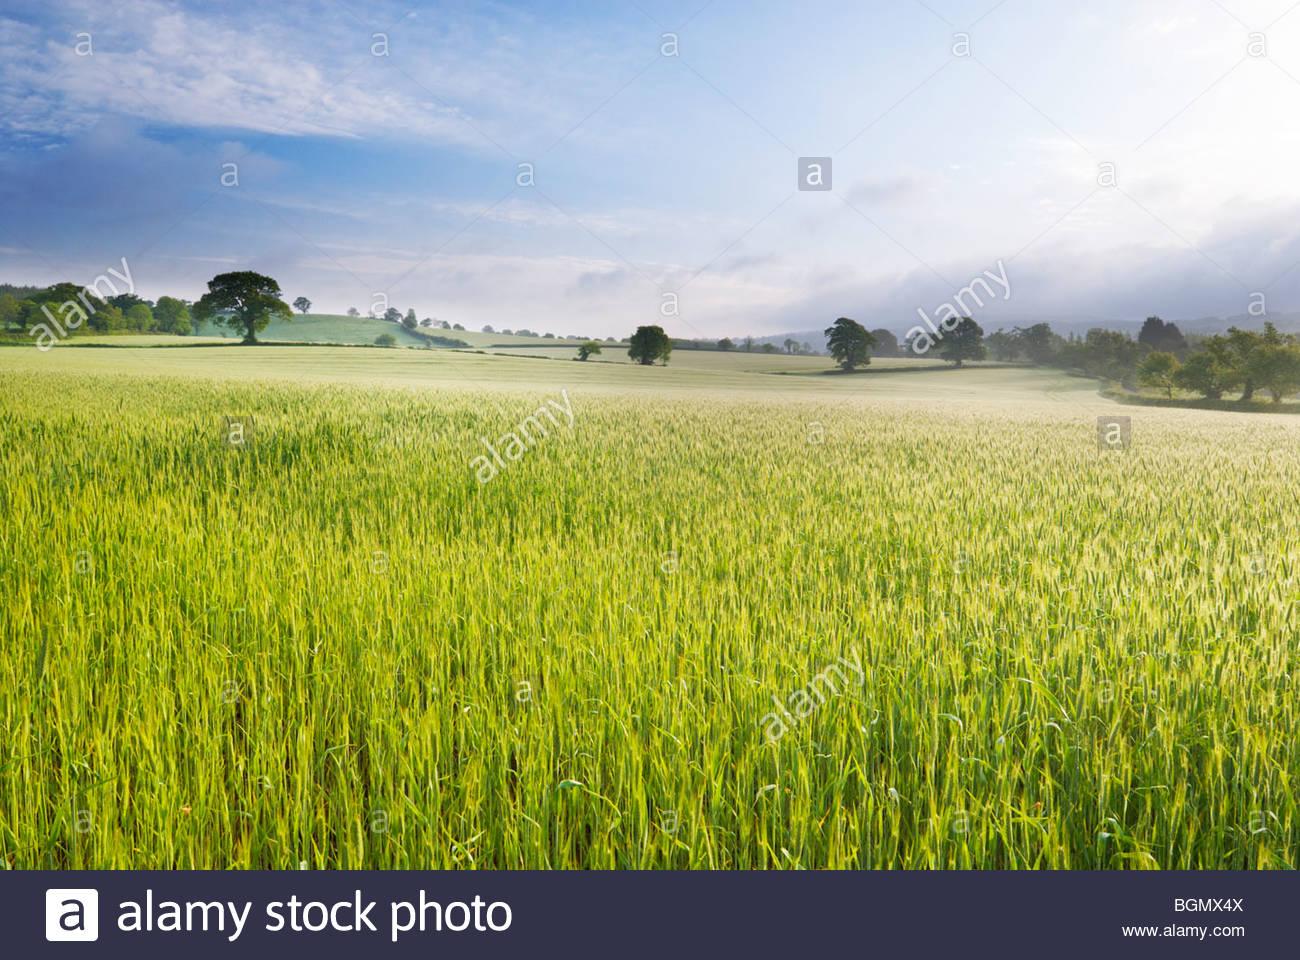 Champ de blé, près de East Budleigh Salterton, Devon, Angleterre. Photo Stock